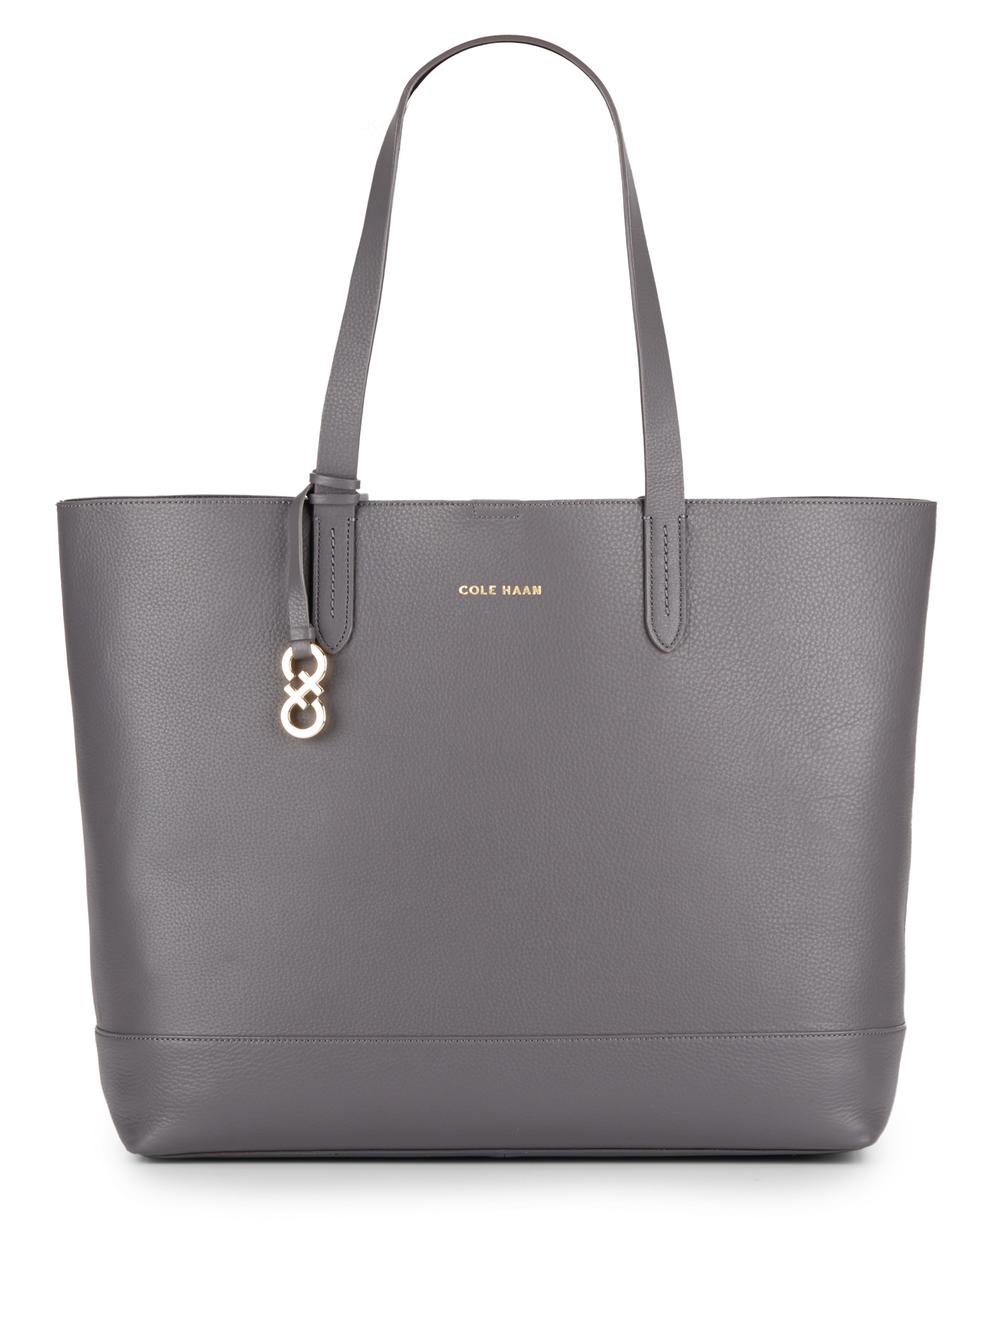 Handbags-032.JPG